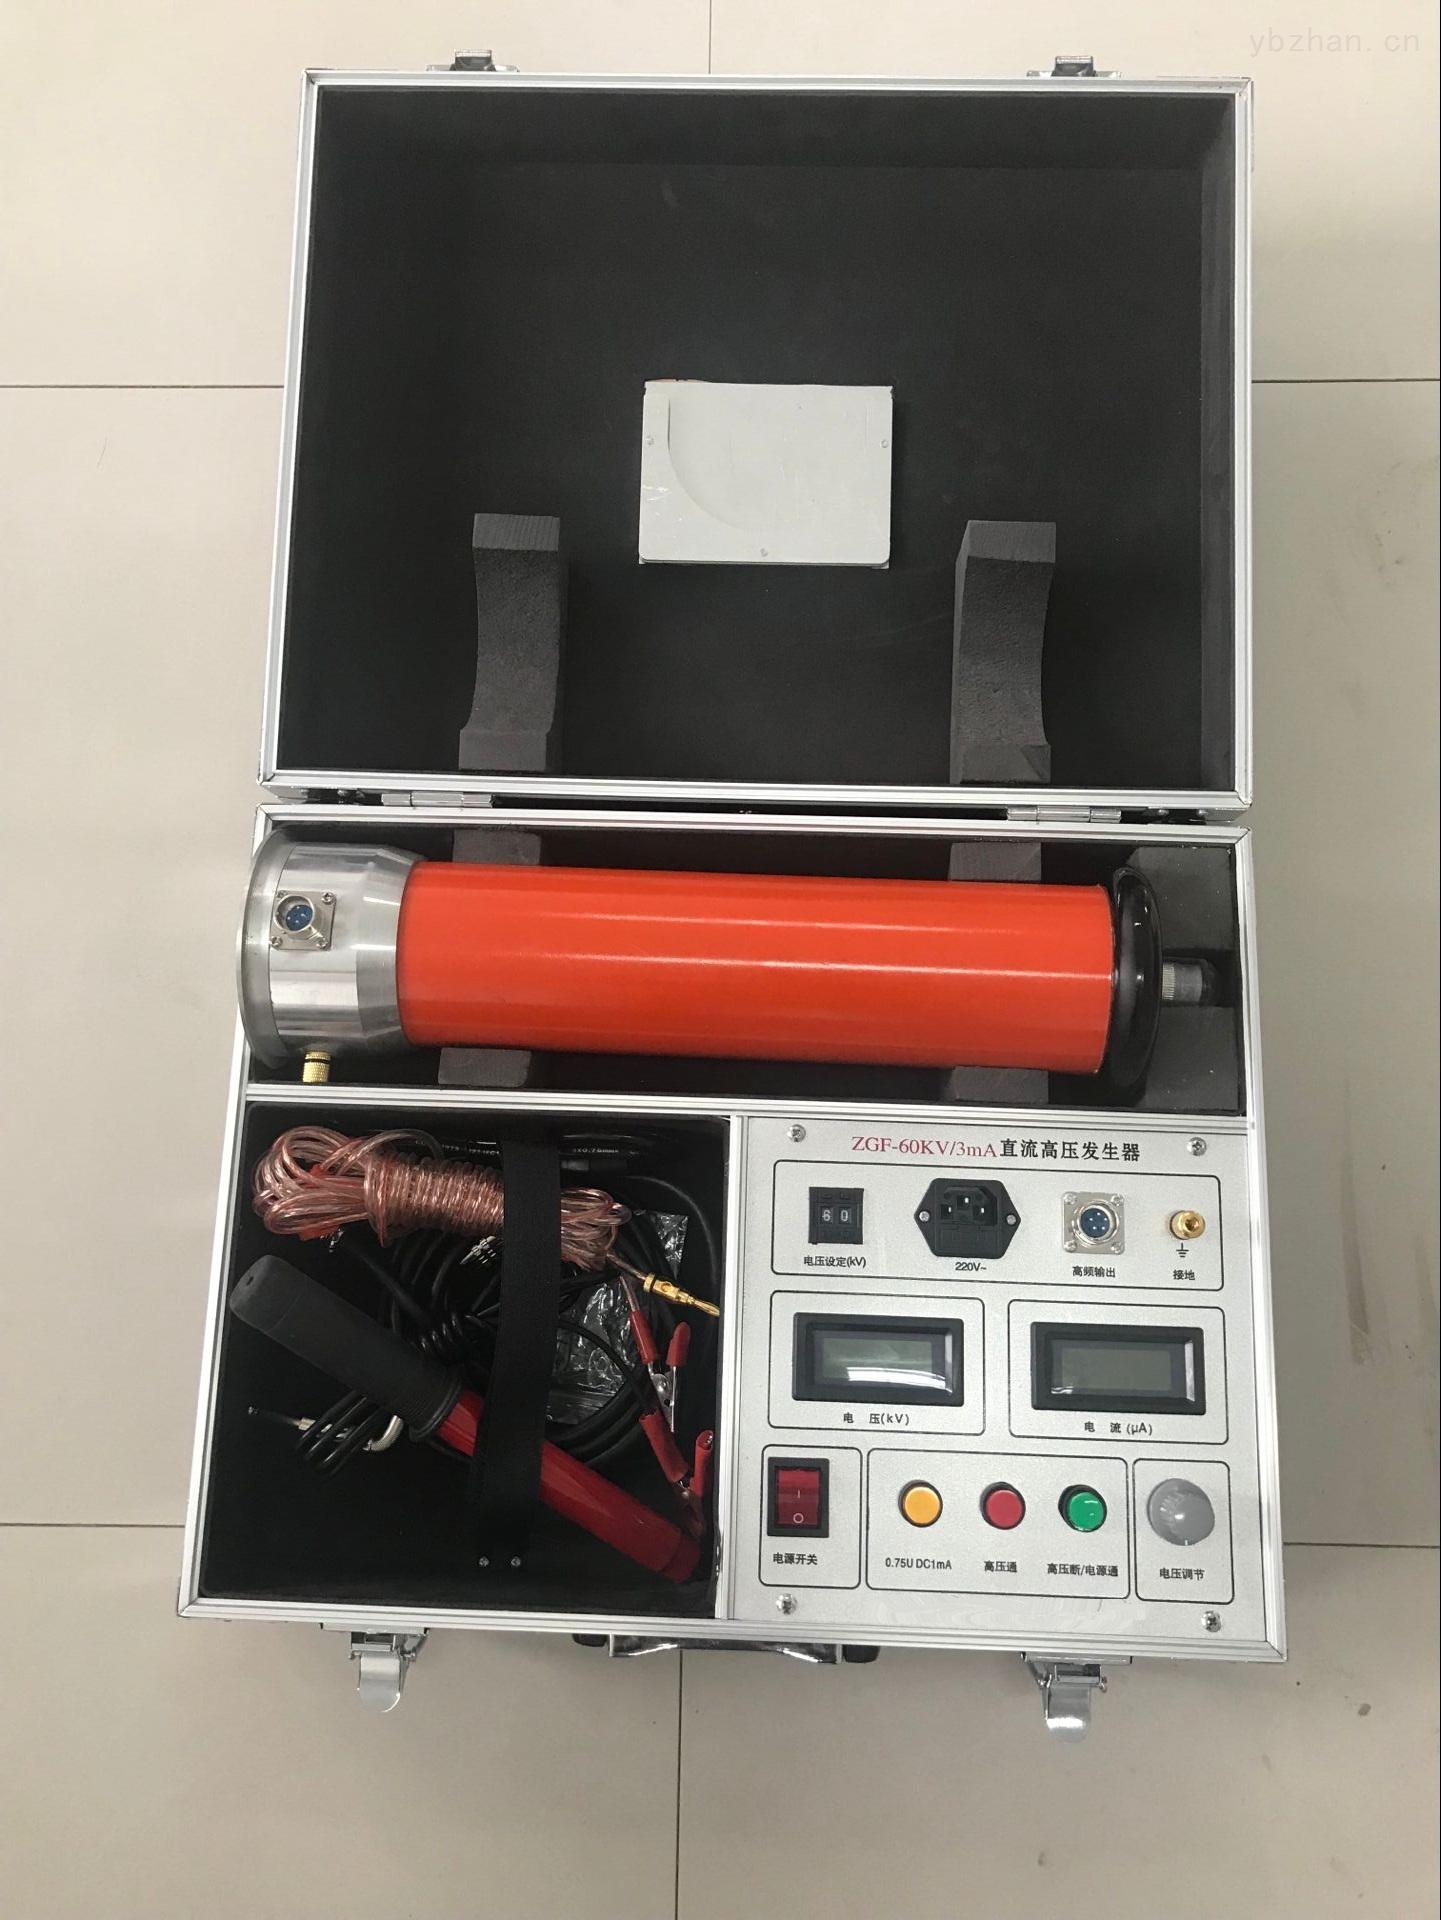 120KV60KV/2mA5mA10mA直流高压发生器原理